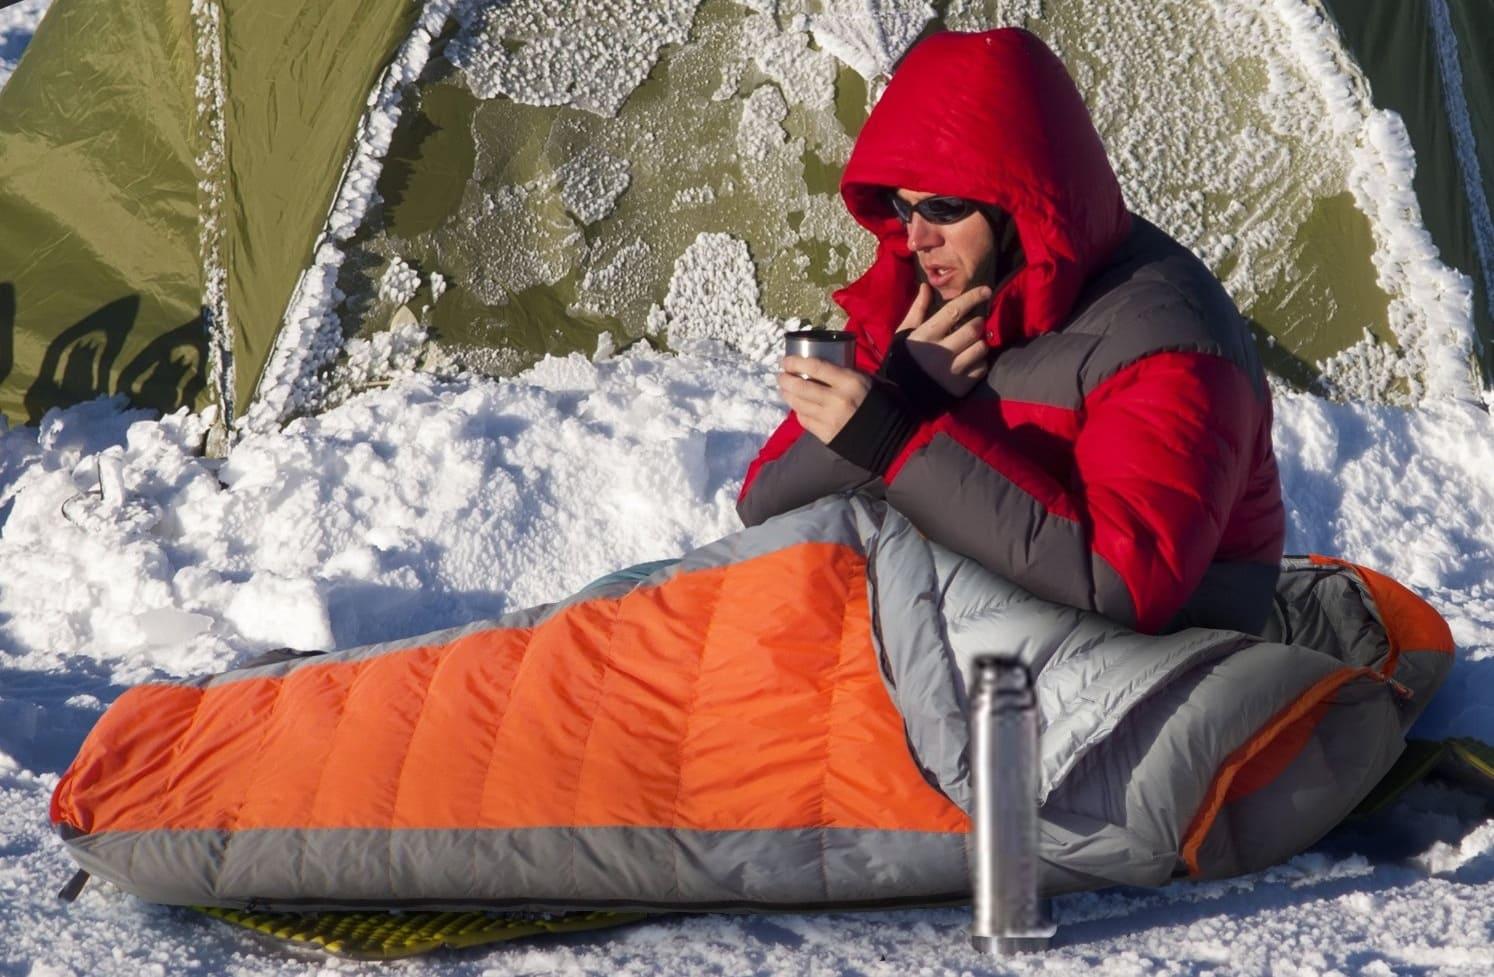 Mua túi ngủ mùa đông nào cho chuyến trekking?